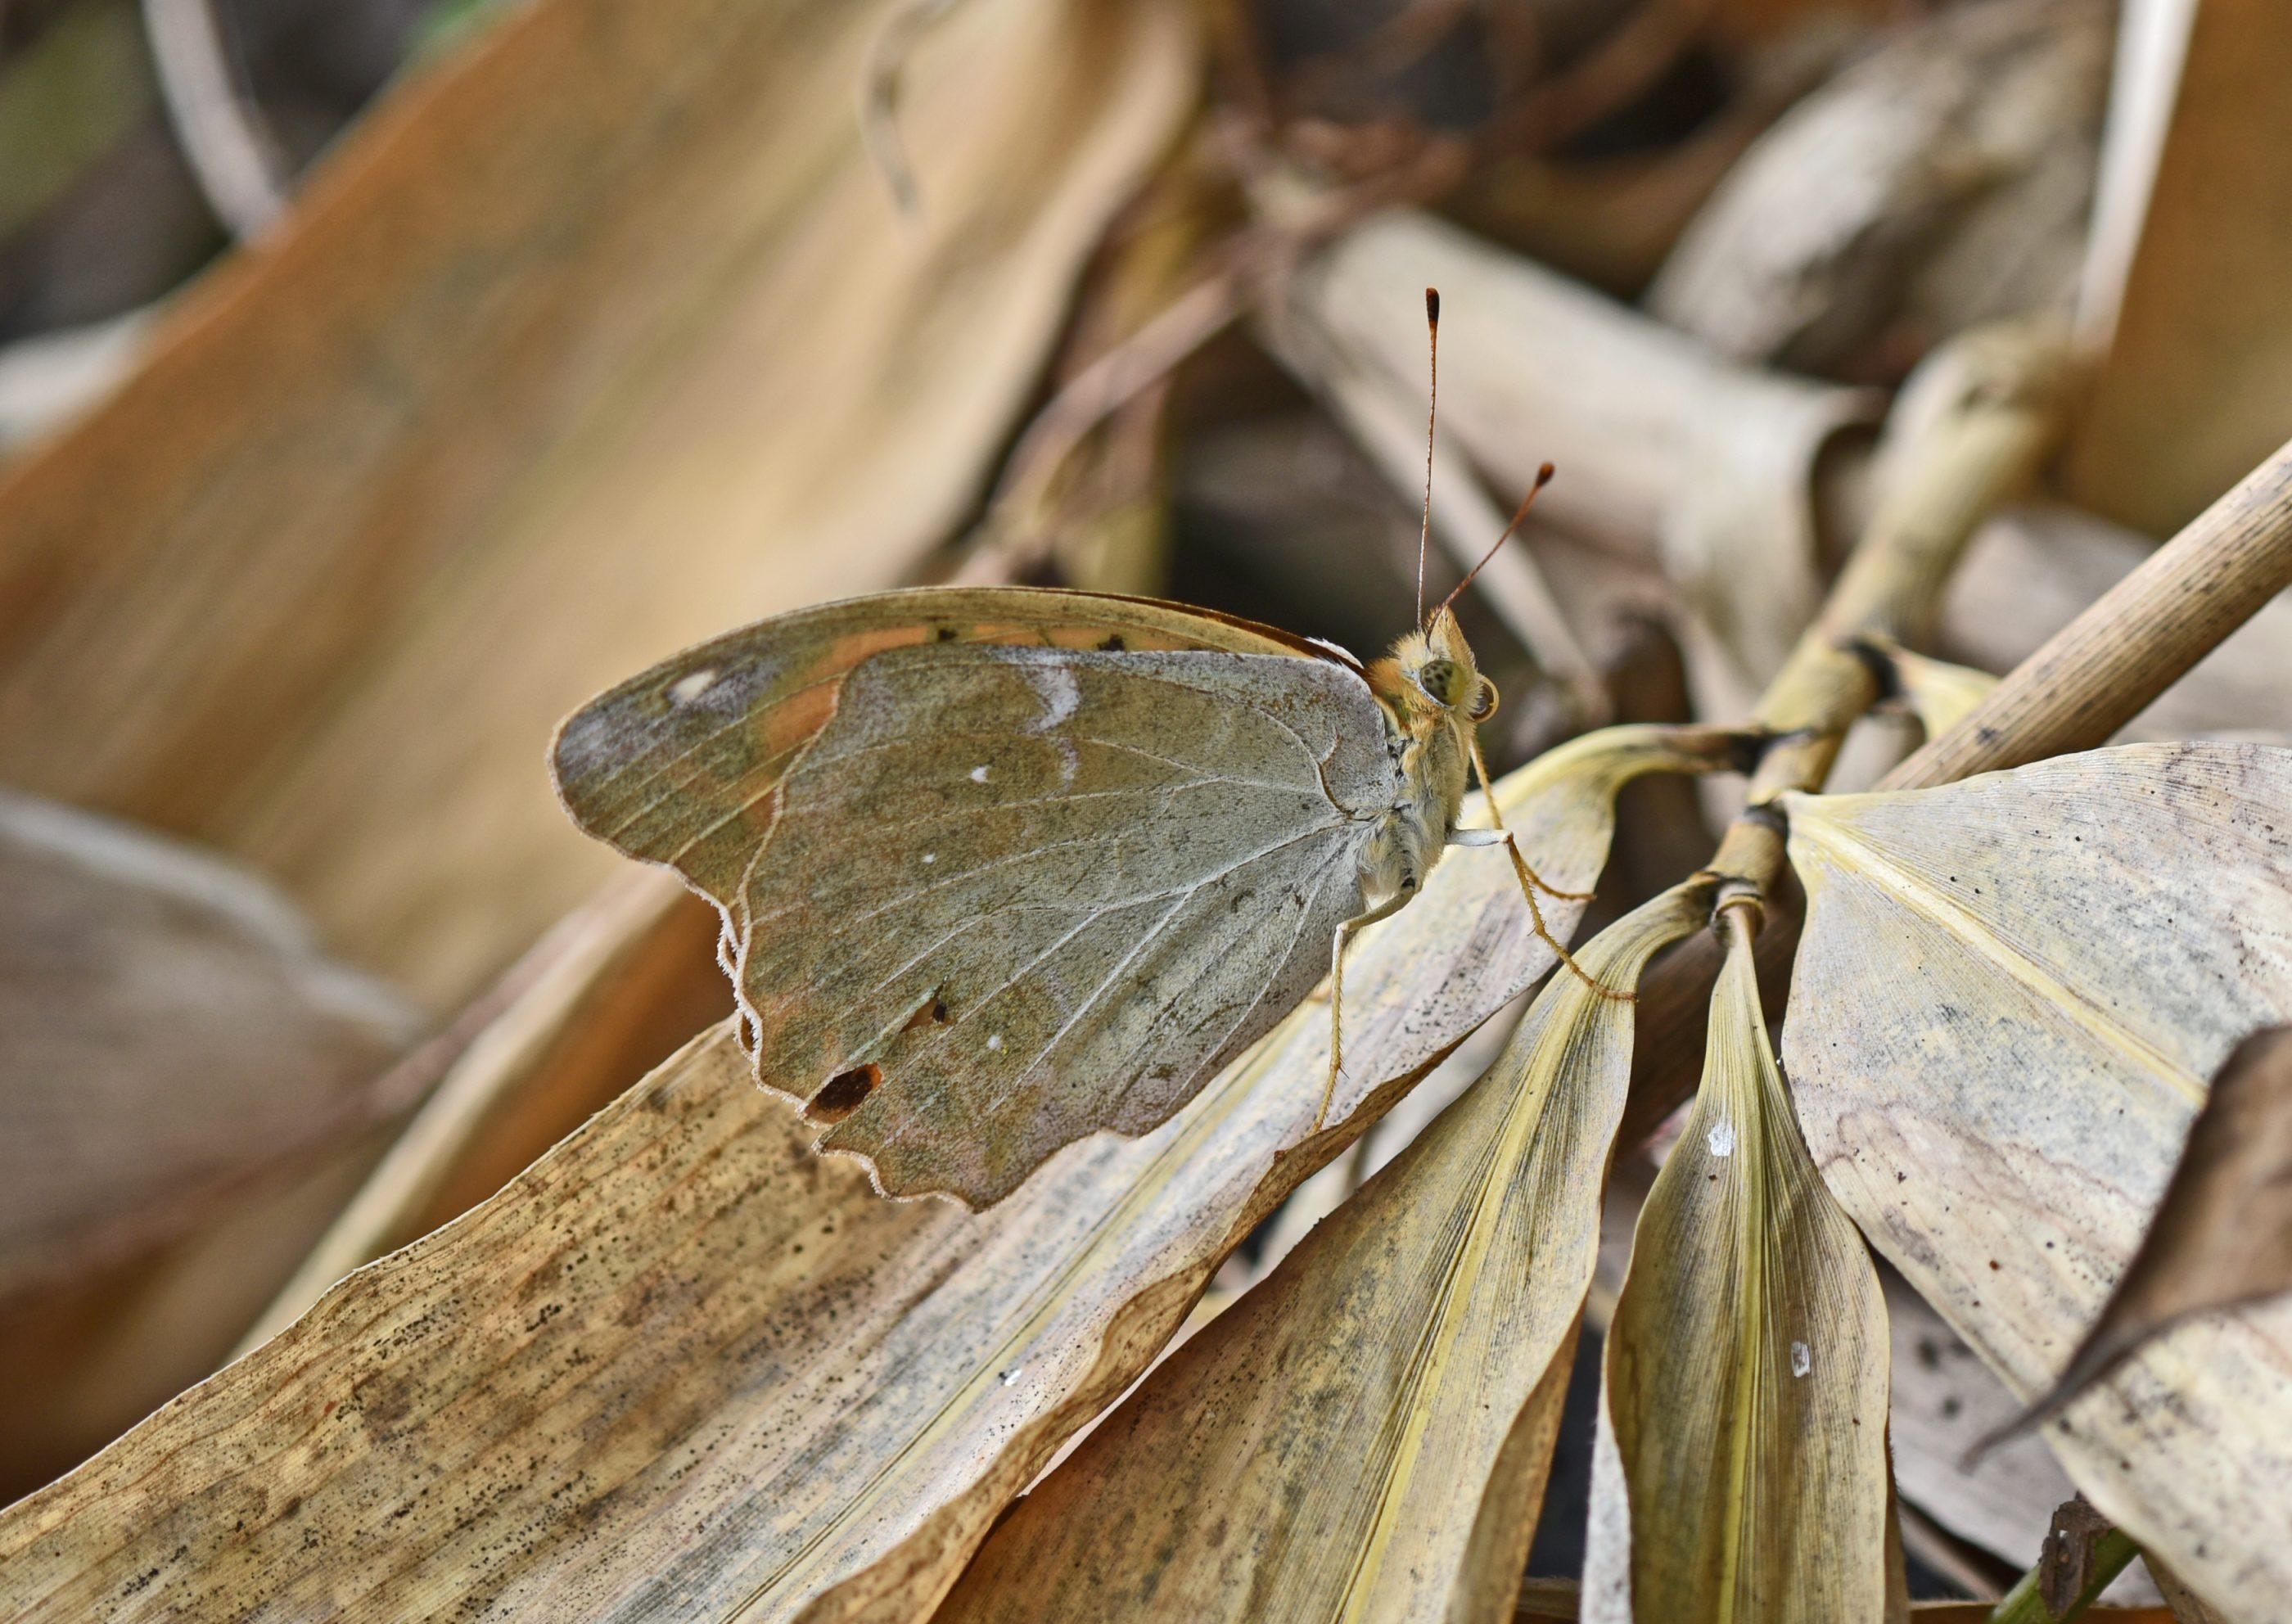 ⇑ クモガタヒョウモン 普通のとはちょっと違って翅裏全体が白くて雲状